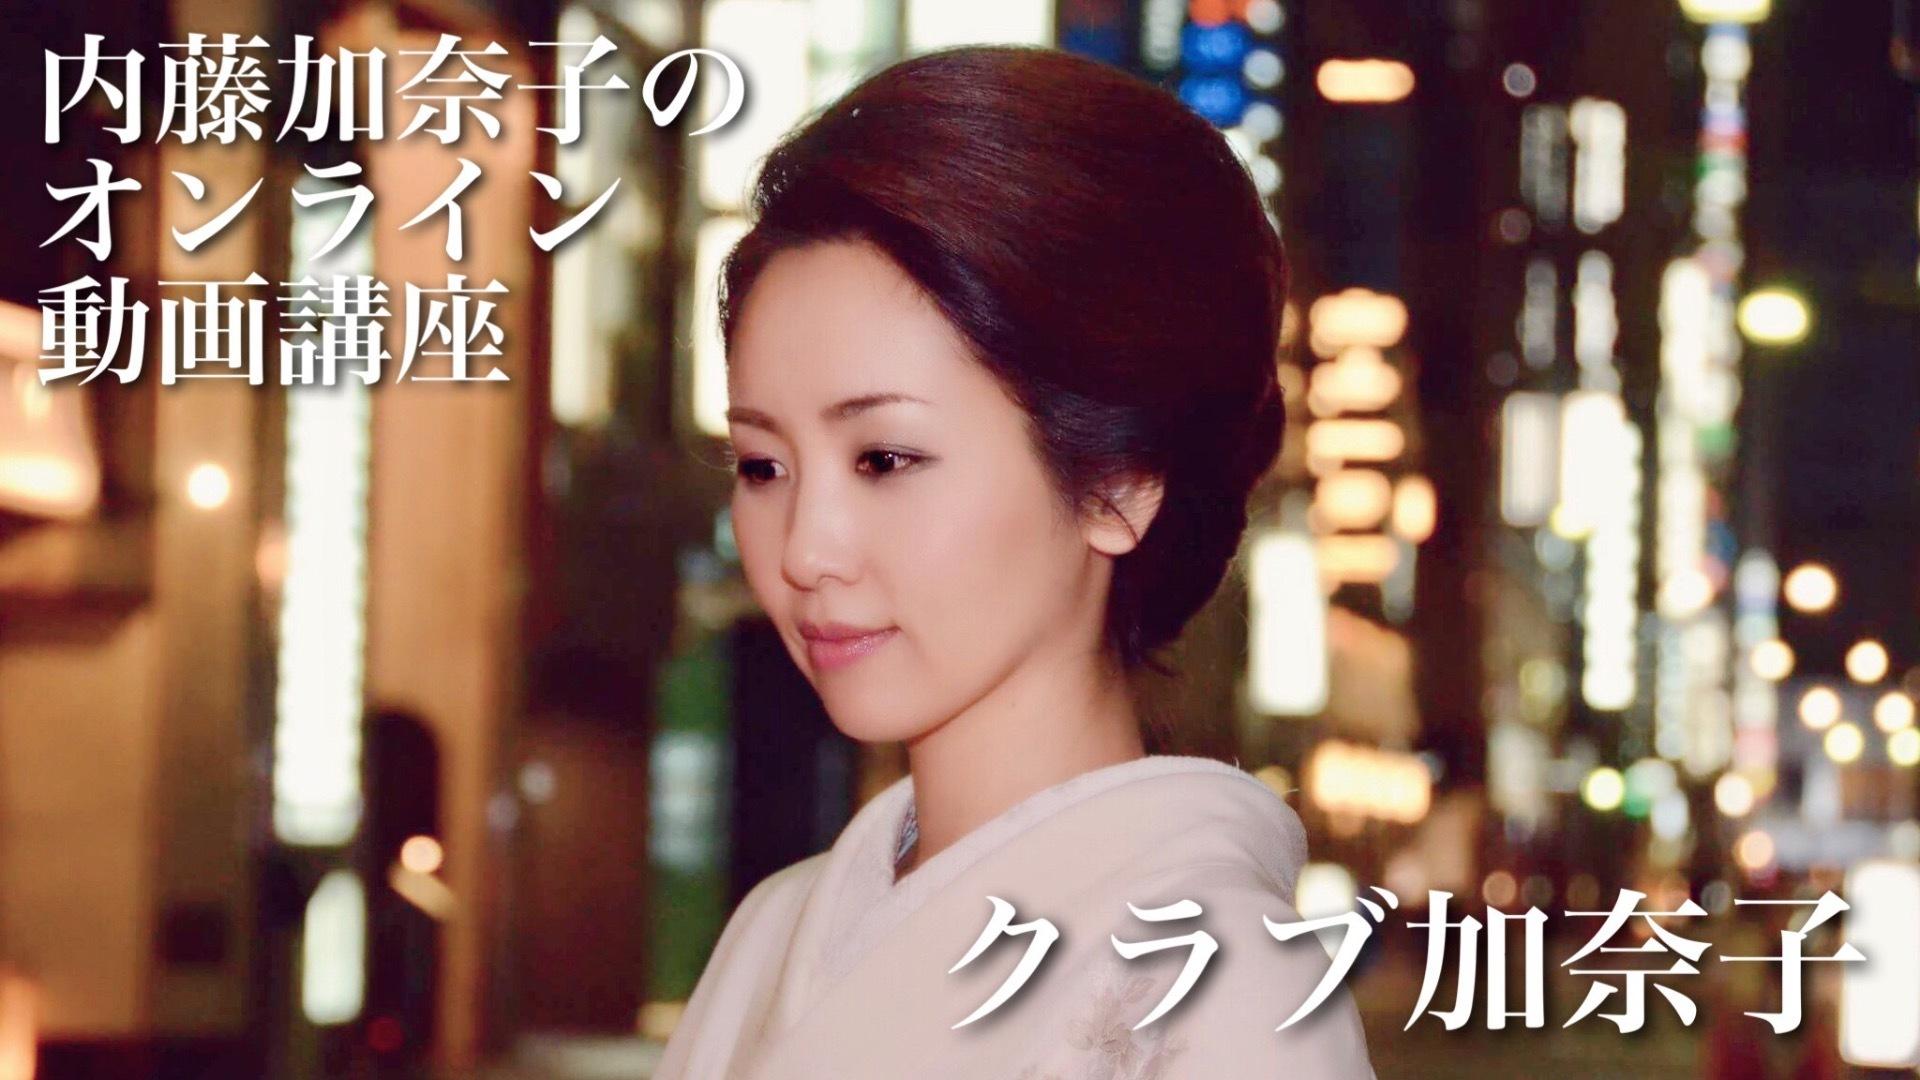 内藤加奈子のオンライン動画講座「クラブ加奈子」